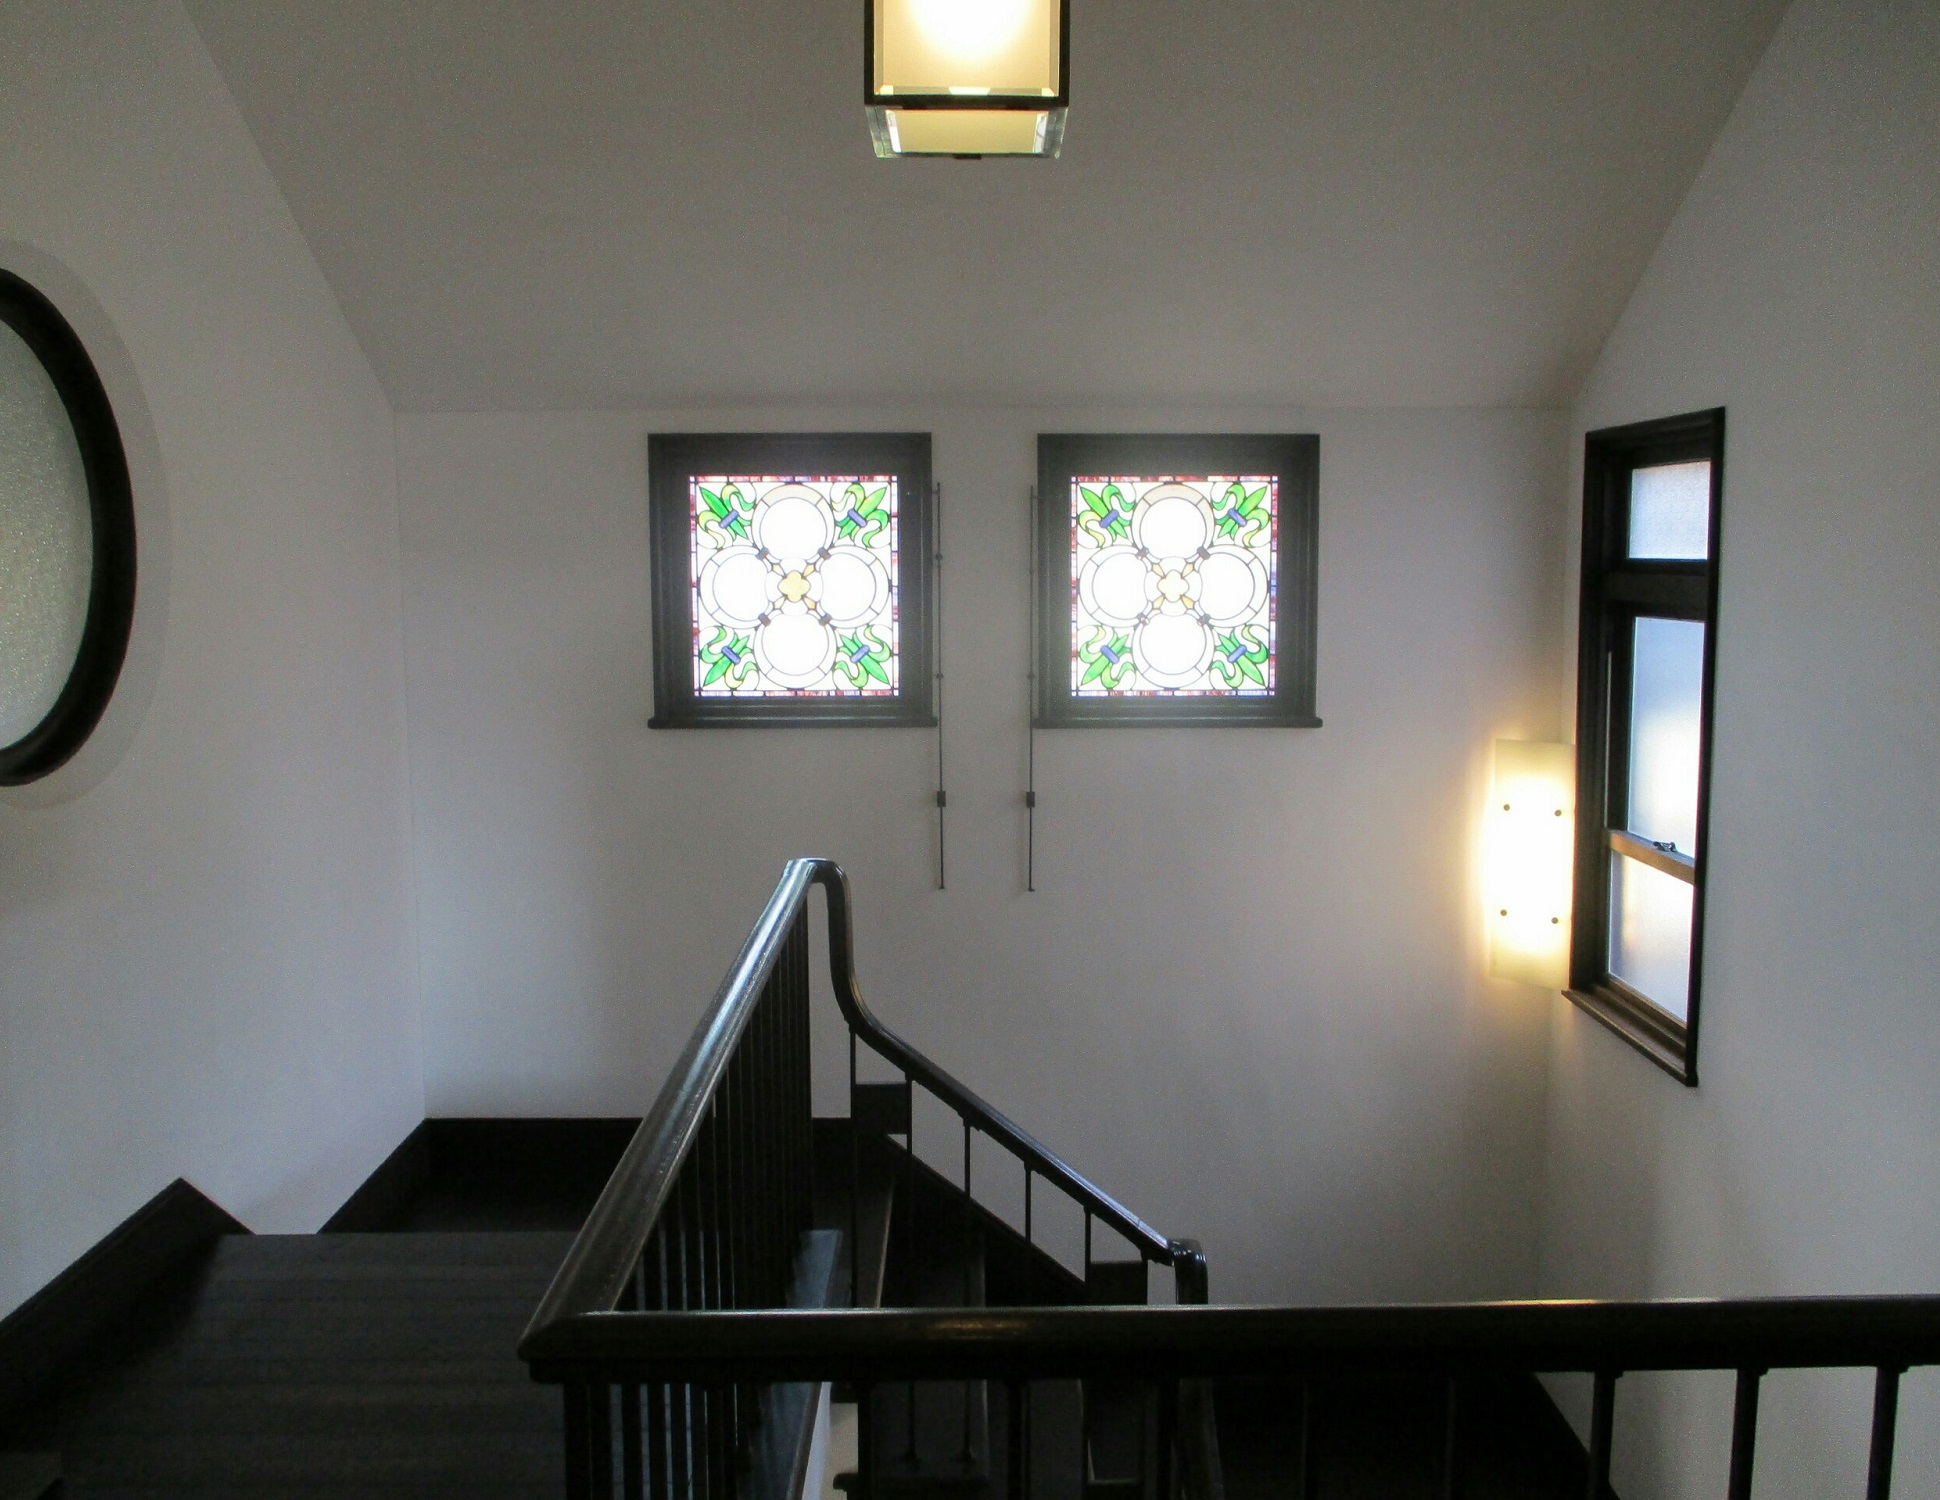 2018.11.25 (14) 旧本田忠次邸 - 階段 1940-1500